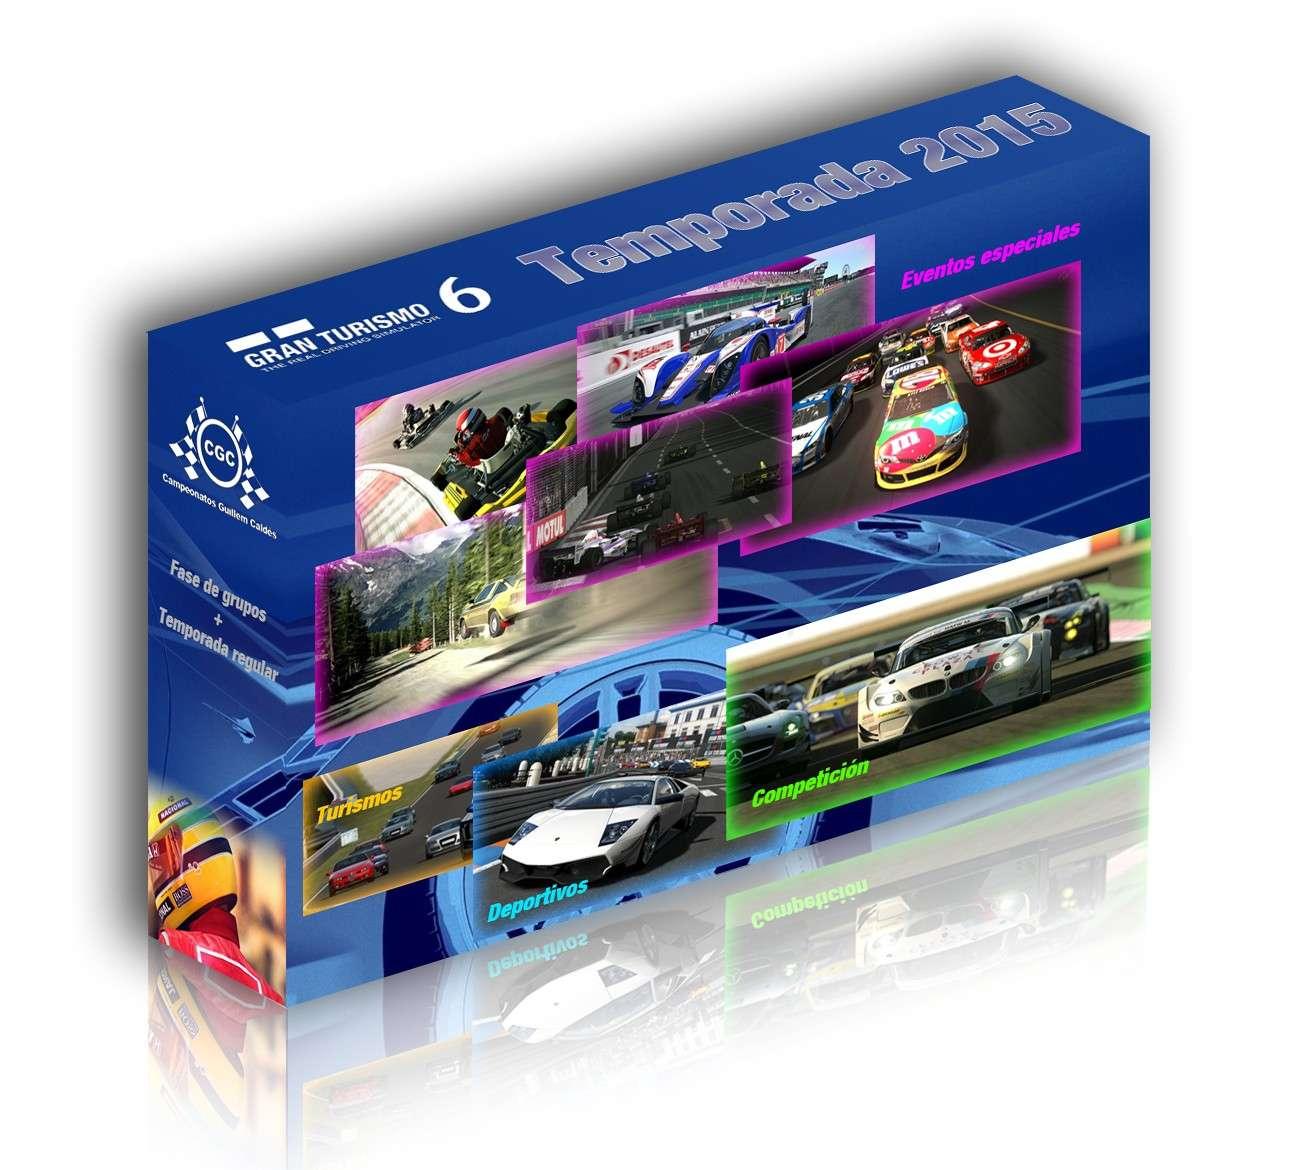 Comienza la Temporada 2015 de Gran Turismo Portad15